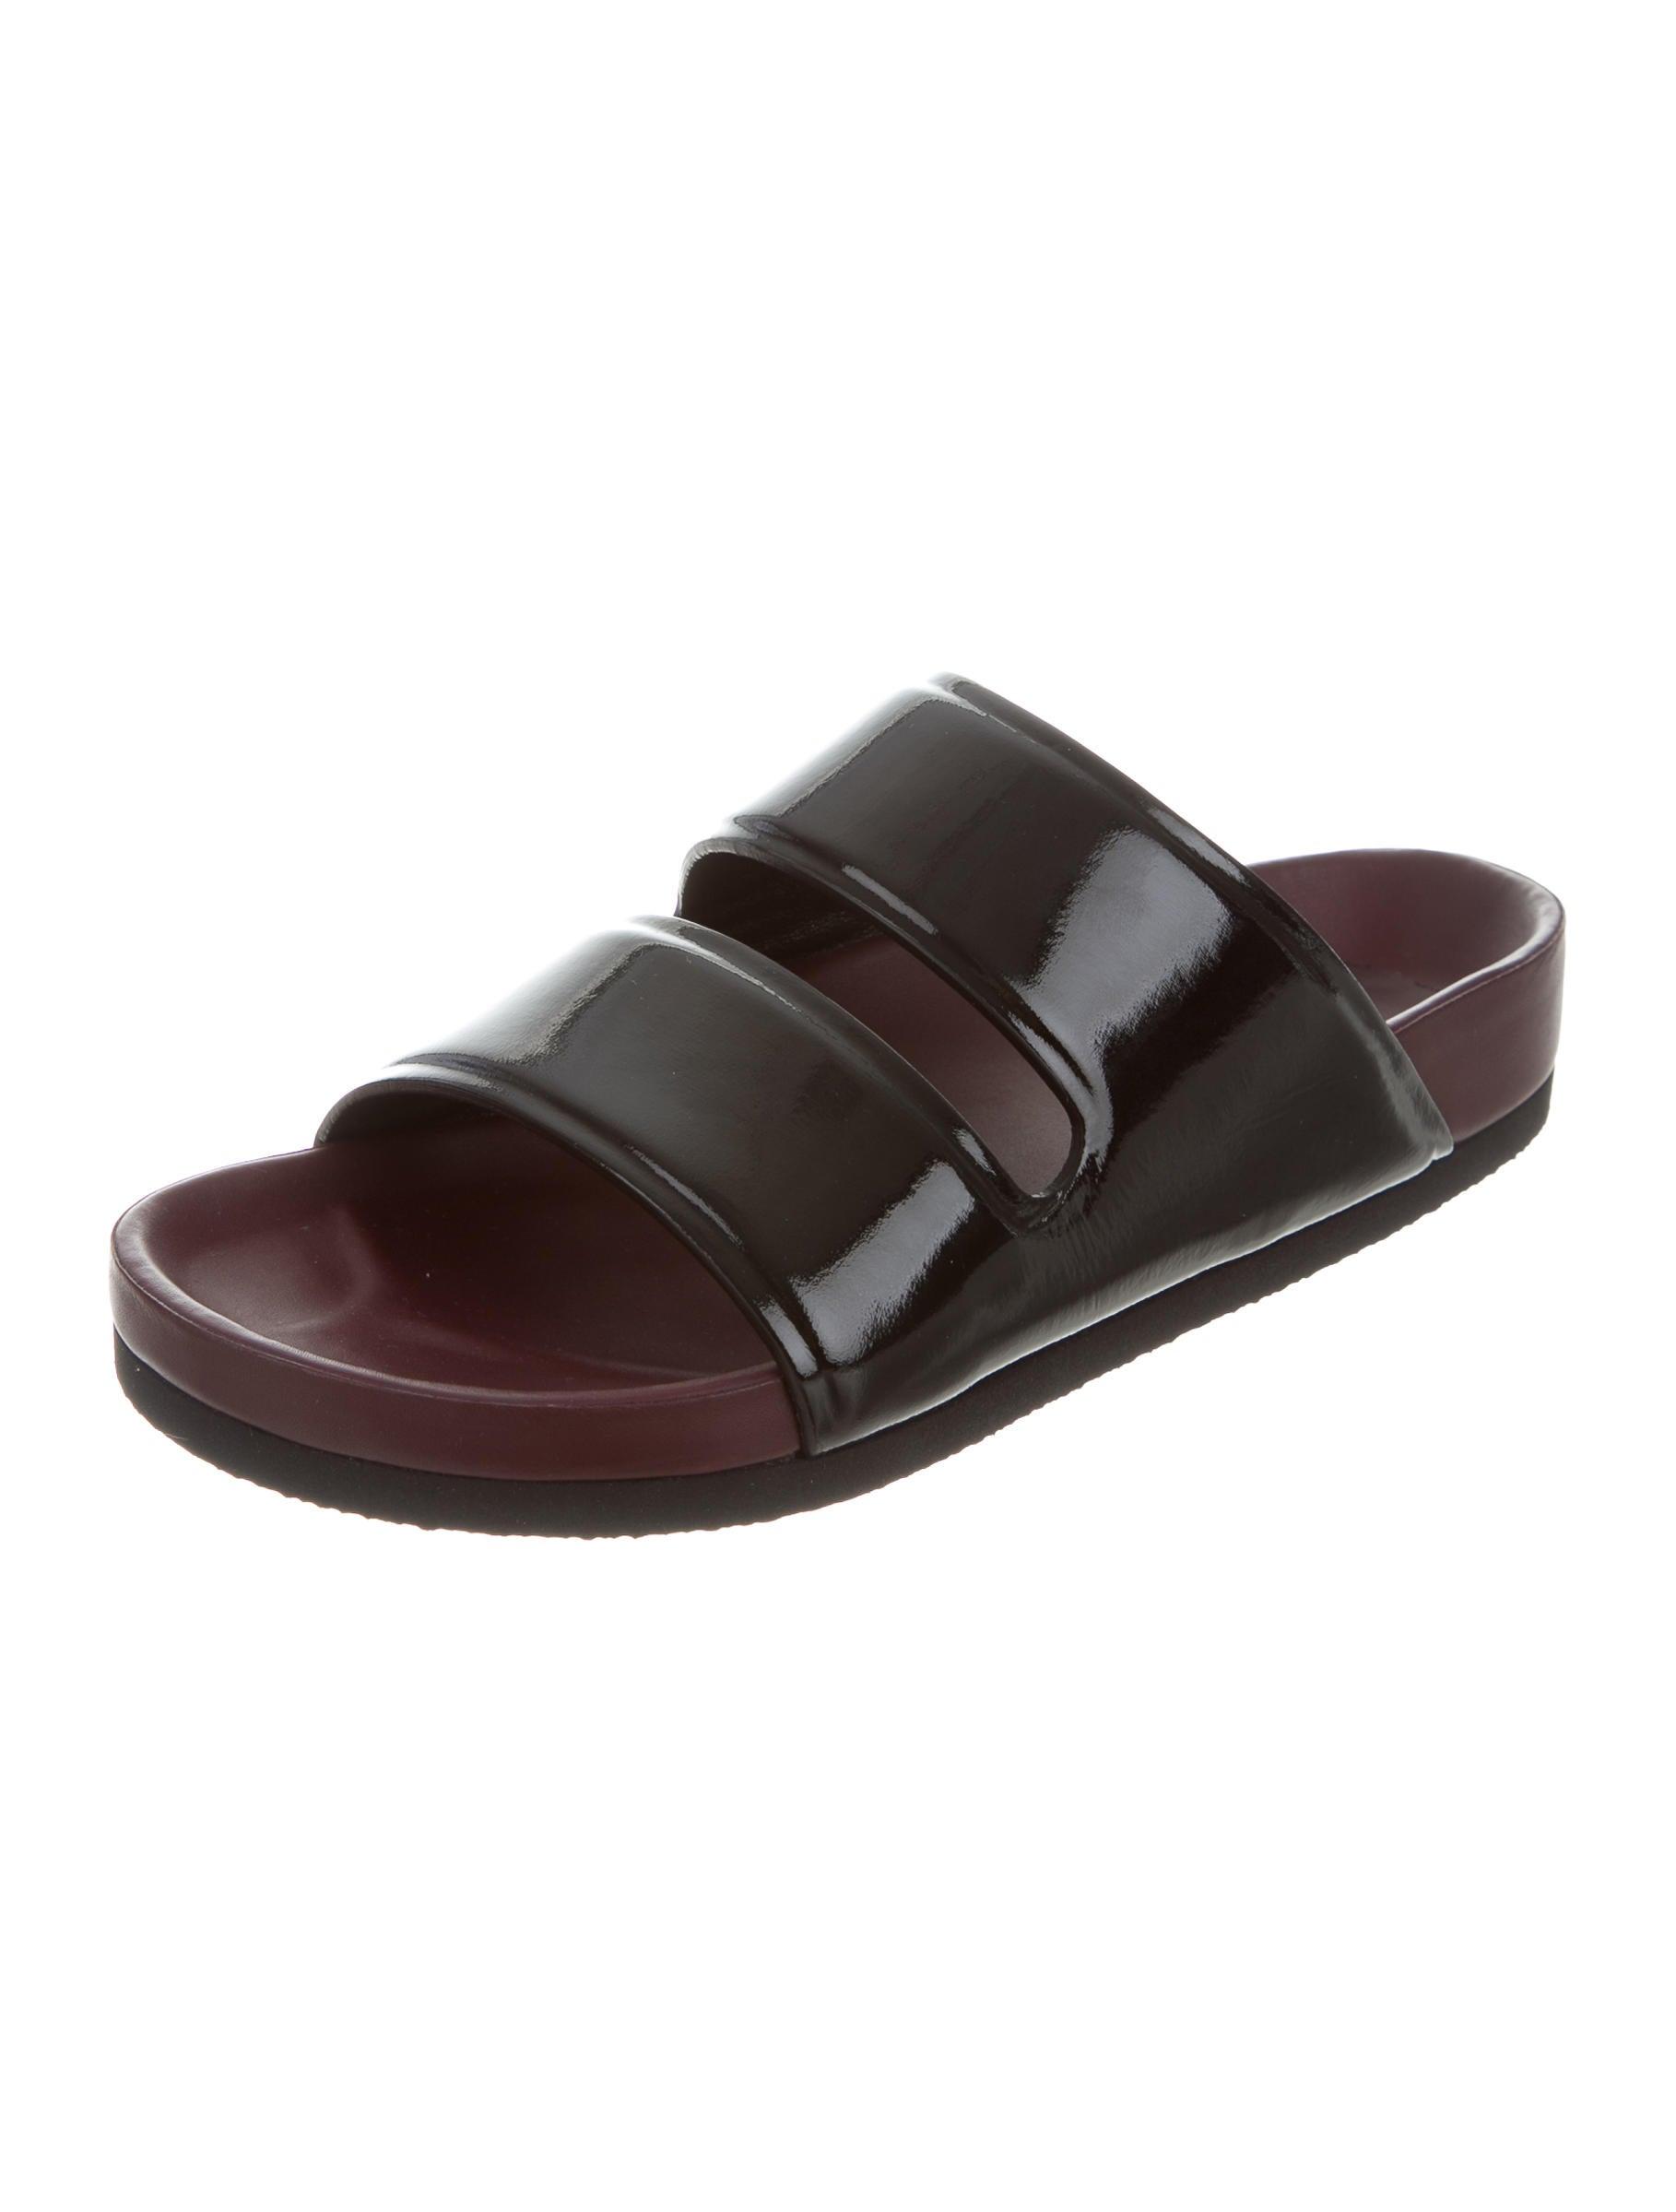 Céline Patent Leather Sandal